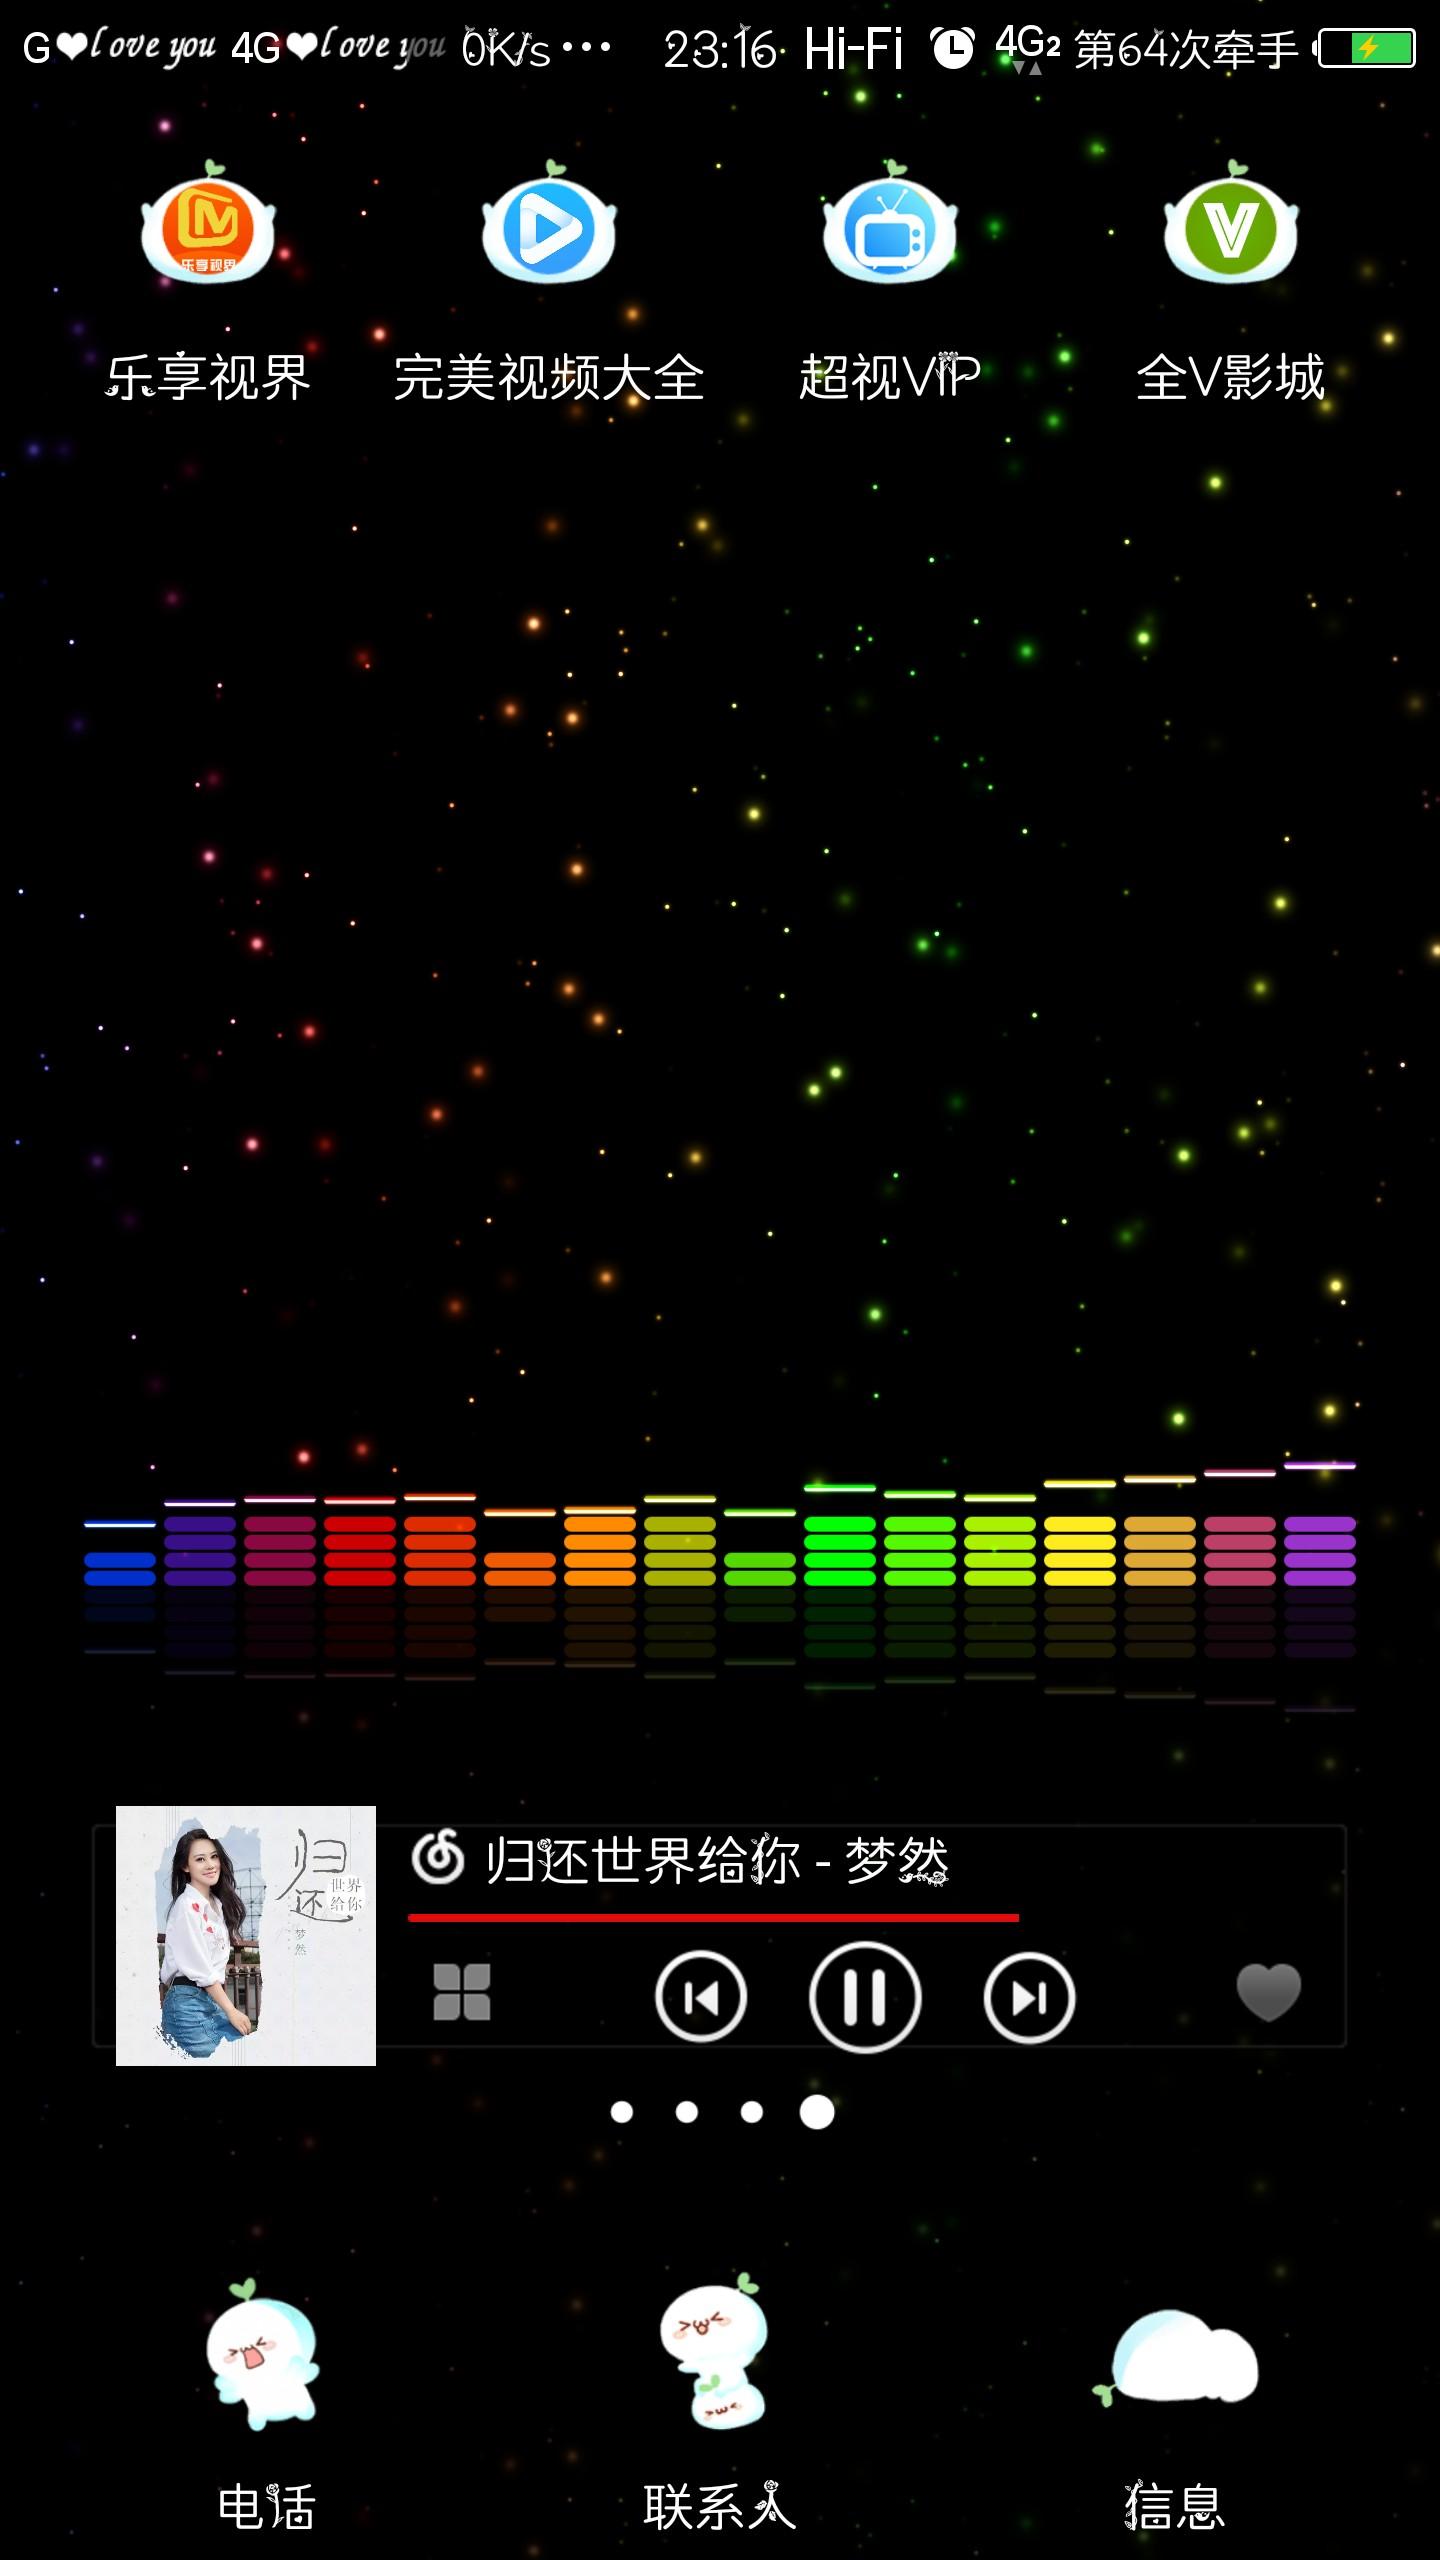 音乐频谱可以跟随音乐跳动的动态壁纸